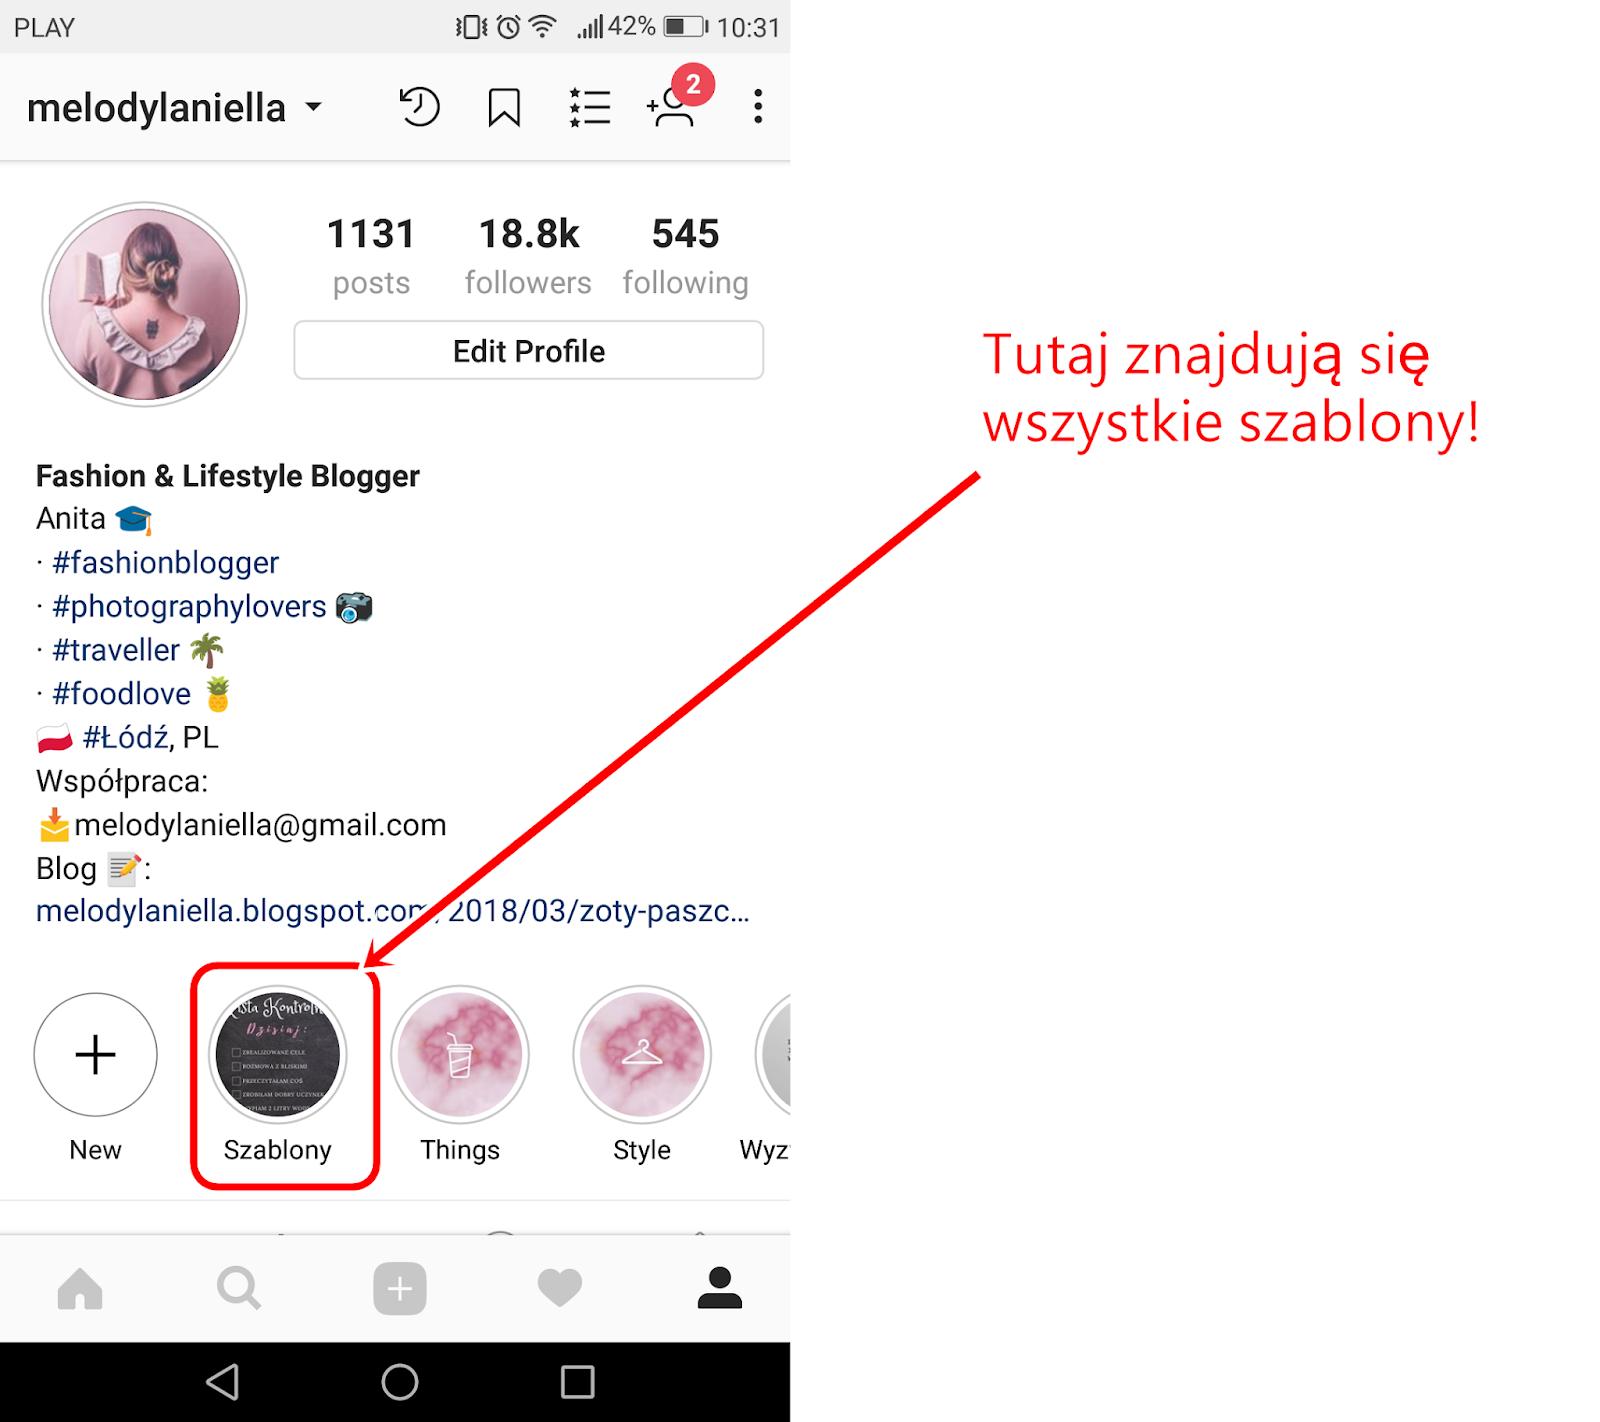 darmowe szablony templates na instagram instastory hasztagi na polski instagram ciekawe konta lifestyle blog melodylaniella